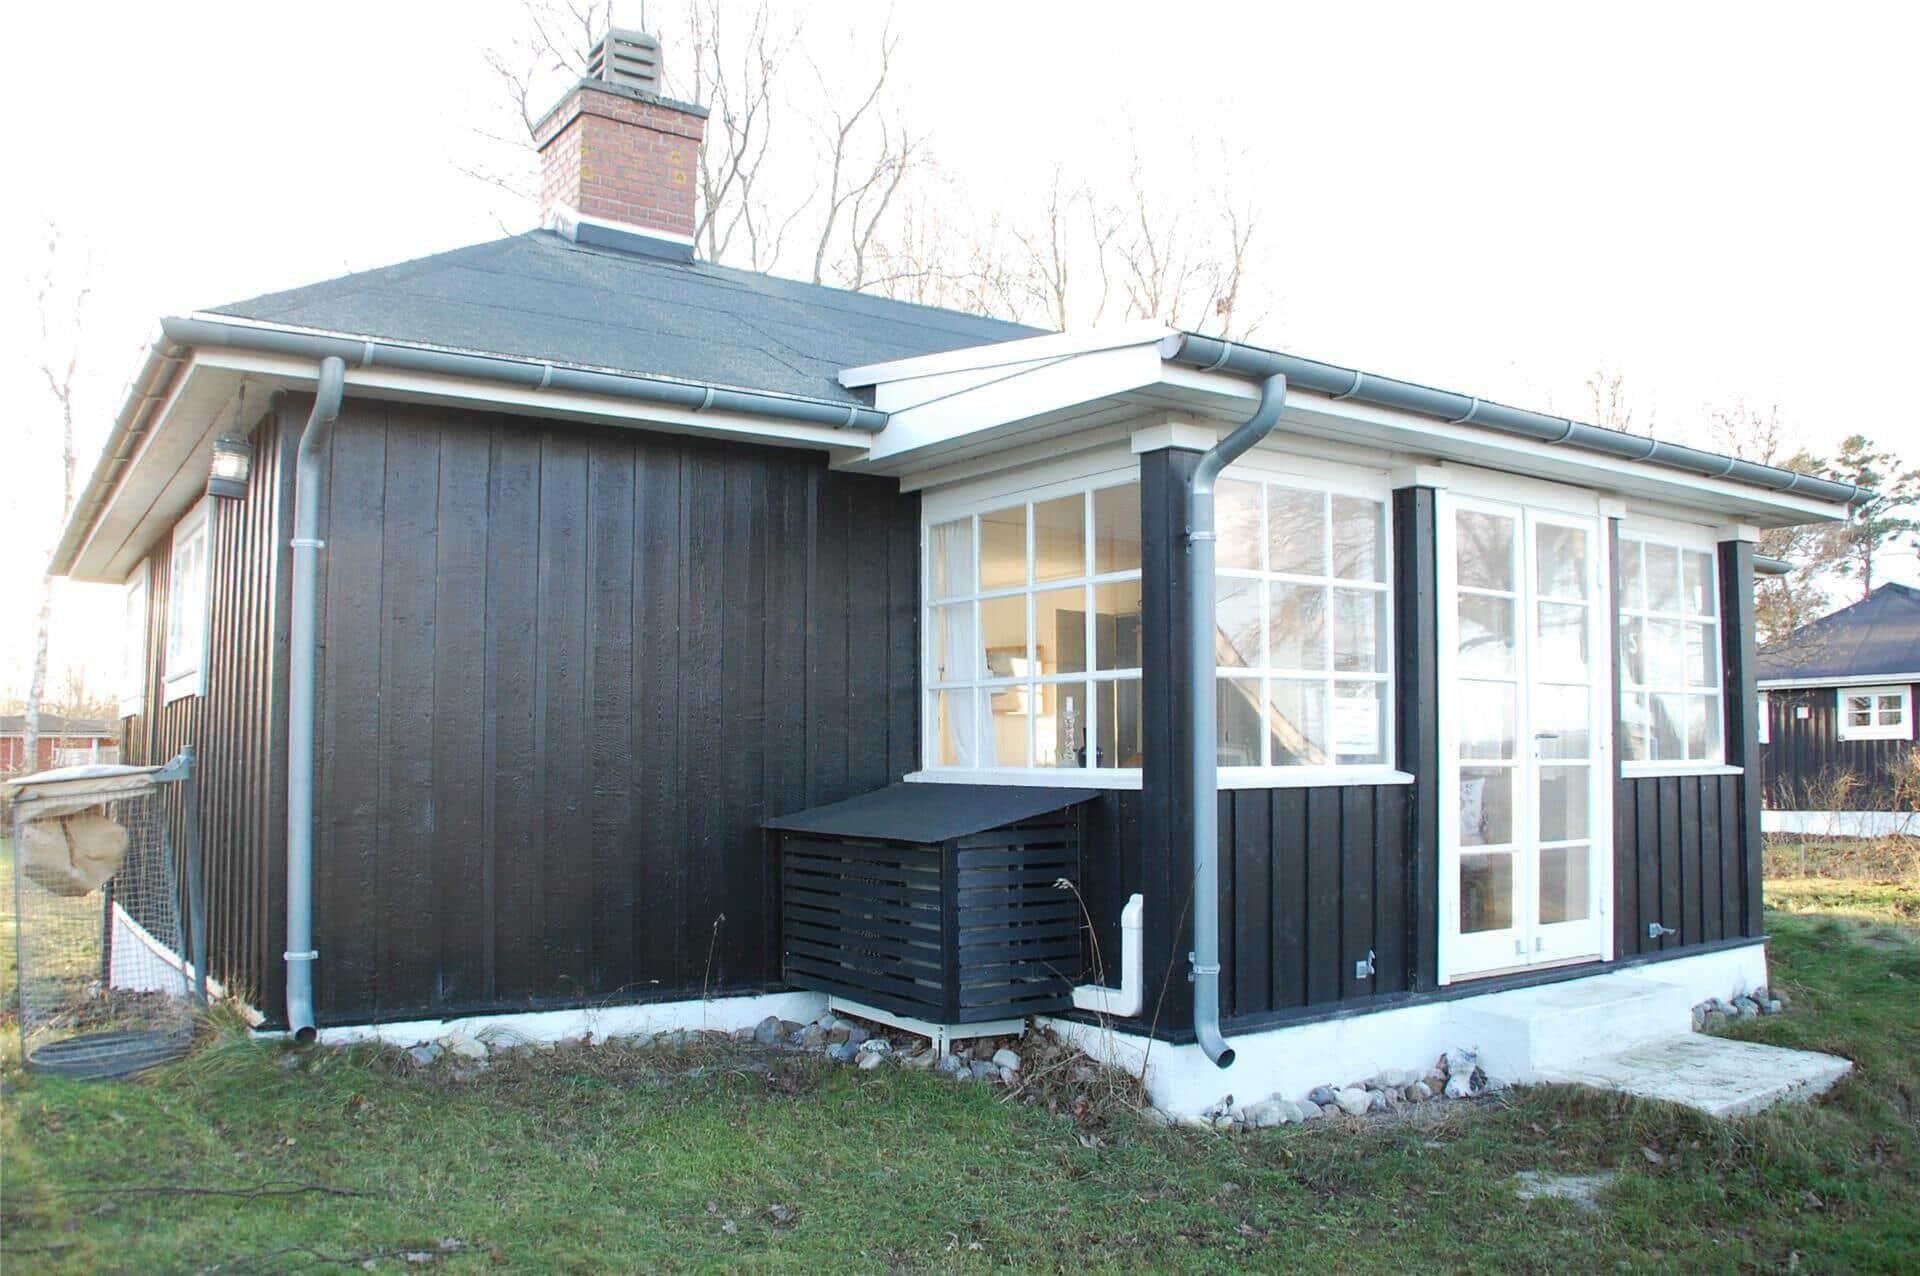 Bild 1-3 Ferienhaus M673954, Hou Plantage 10, DK - 5953 Tranekær